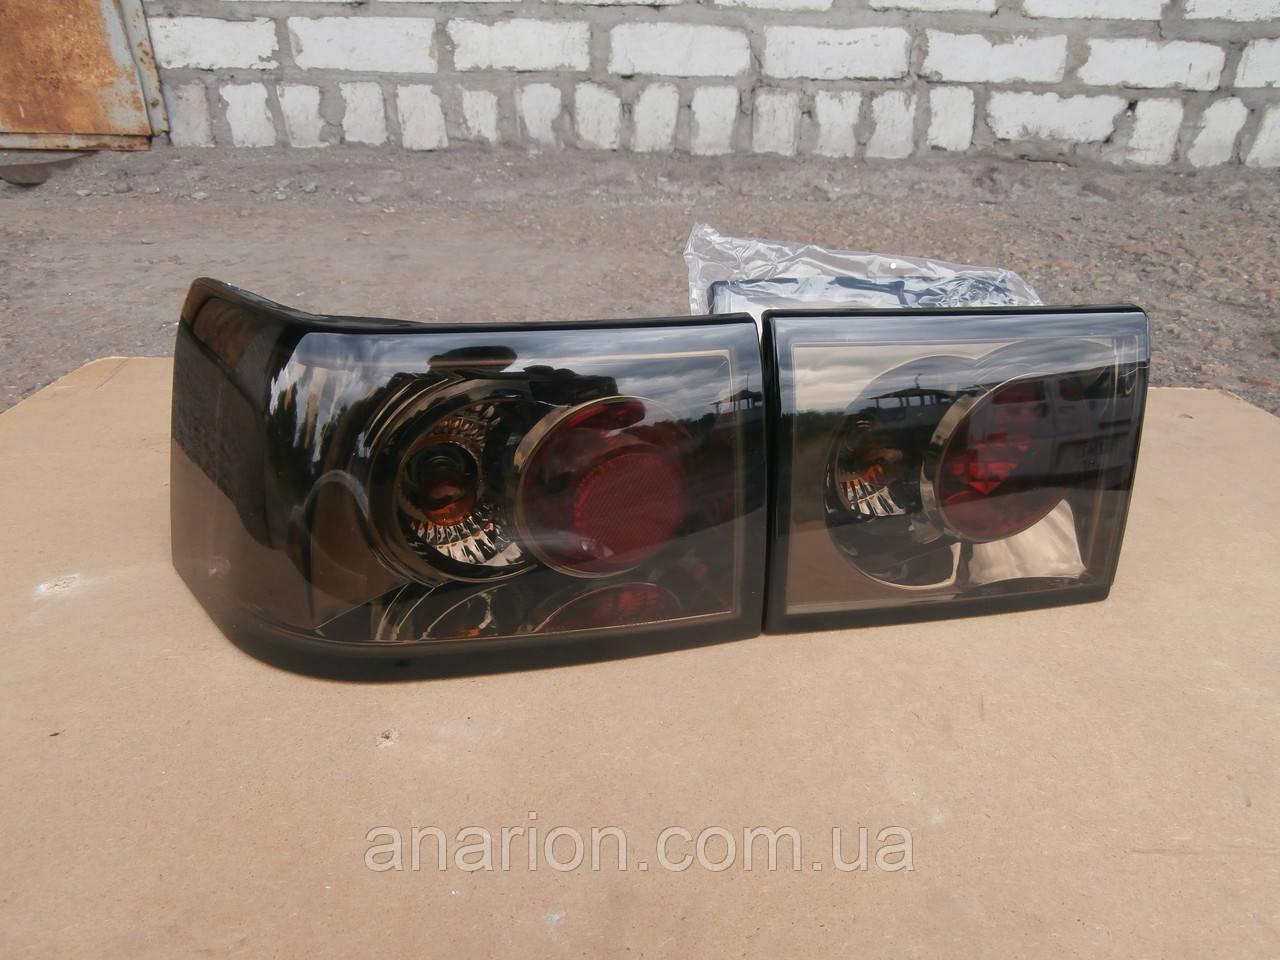 Задние фонари на ВАЗ 2110 модель Лексус Тайвань (тонированные)